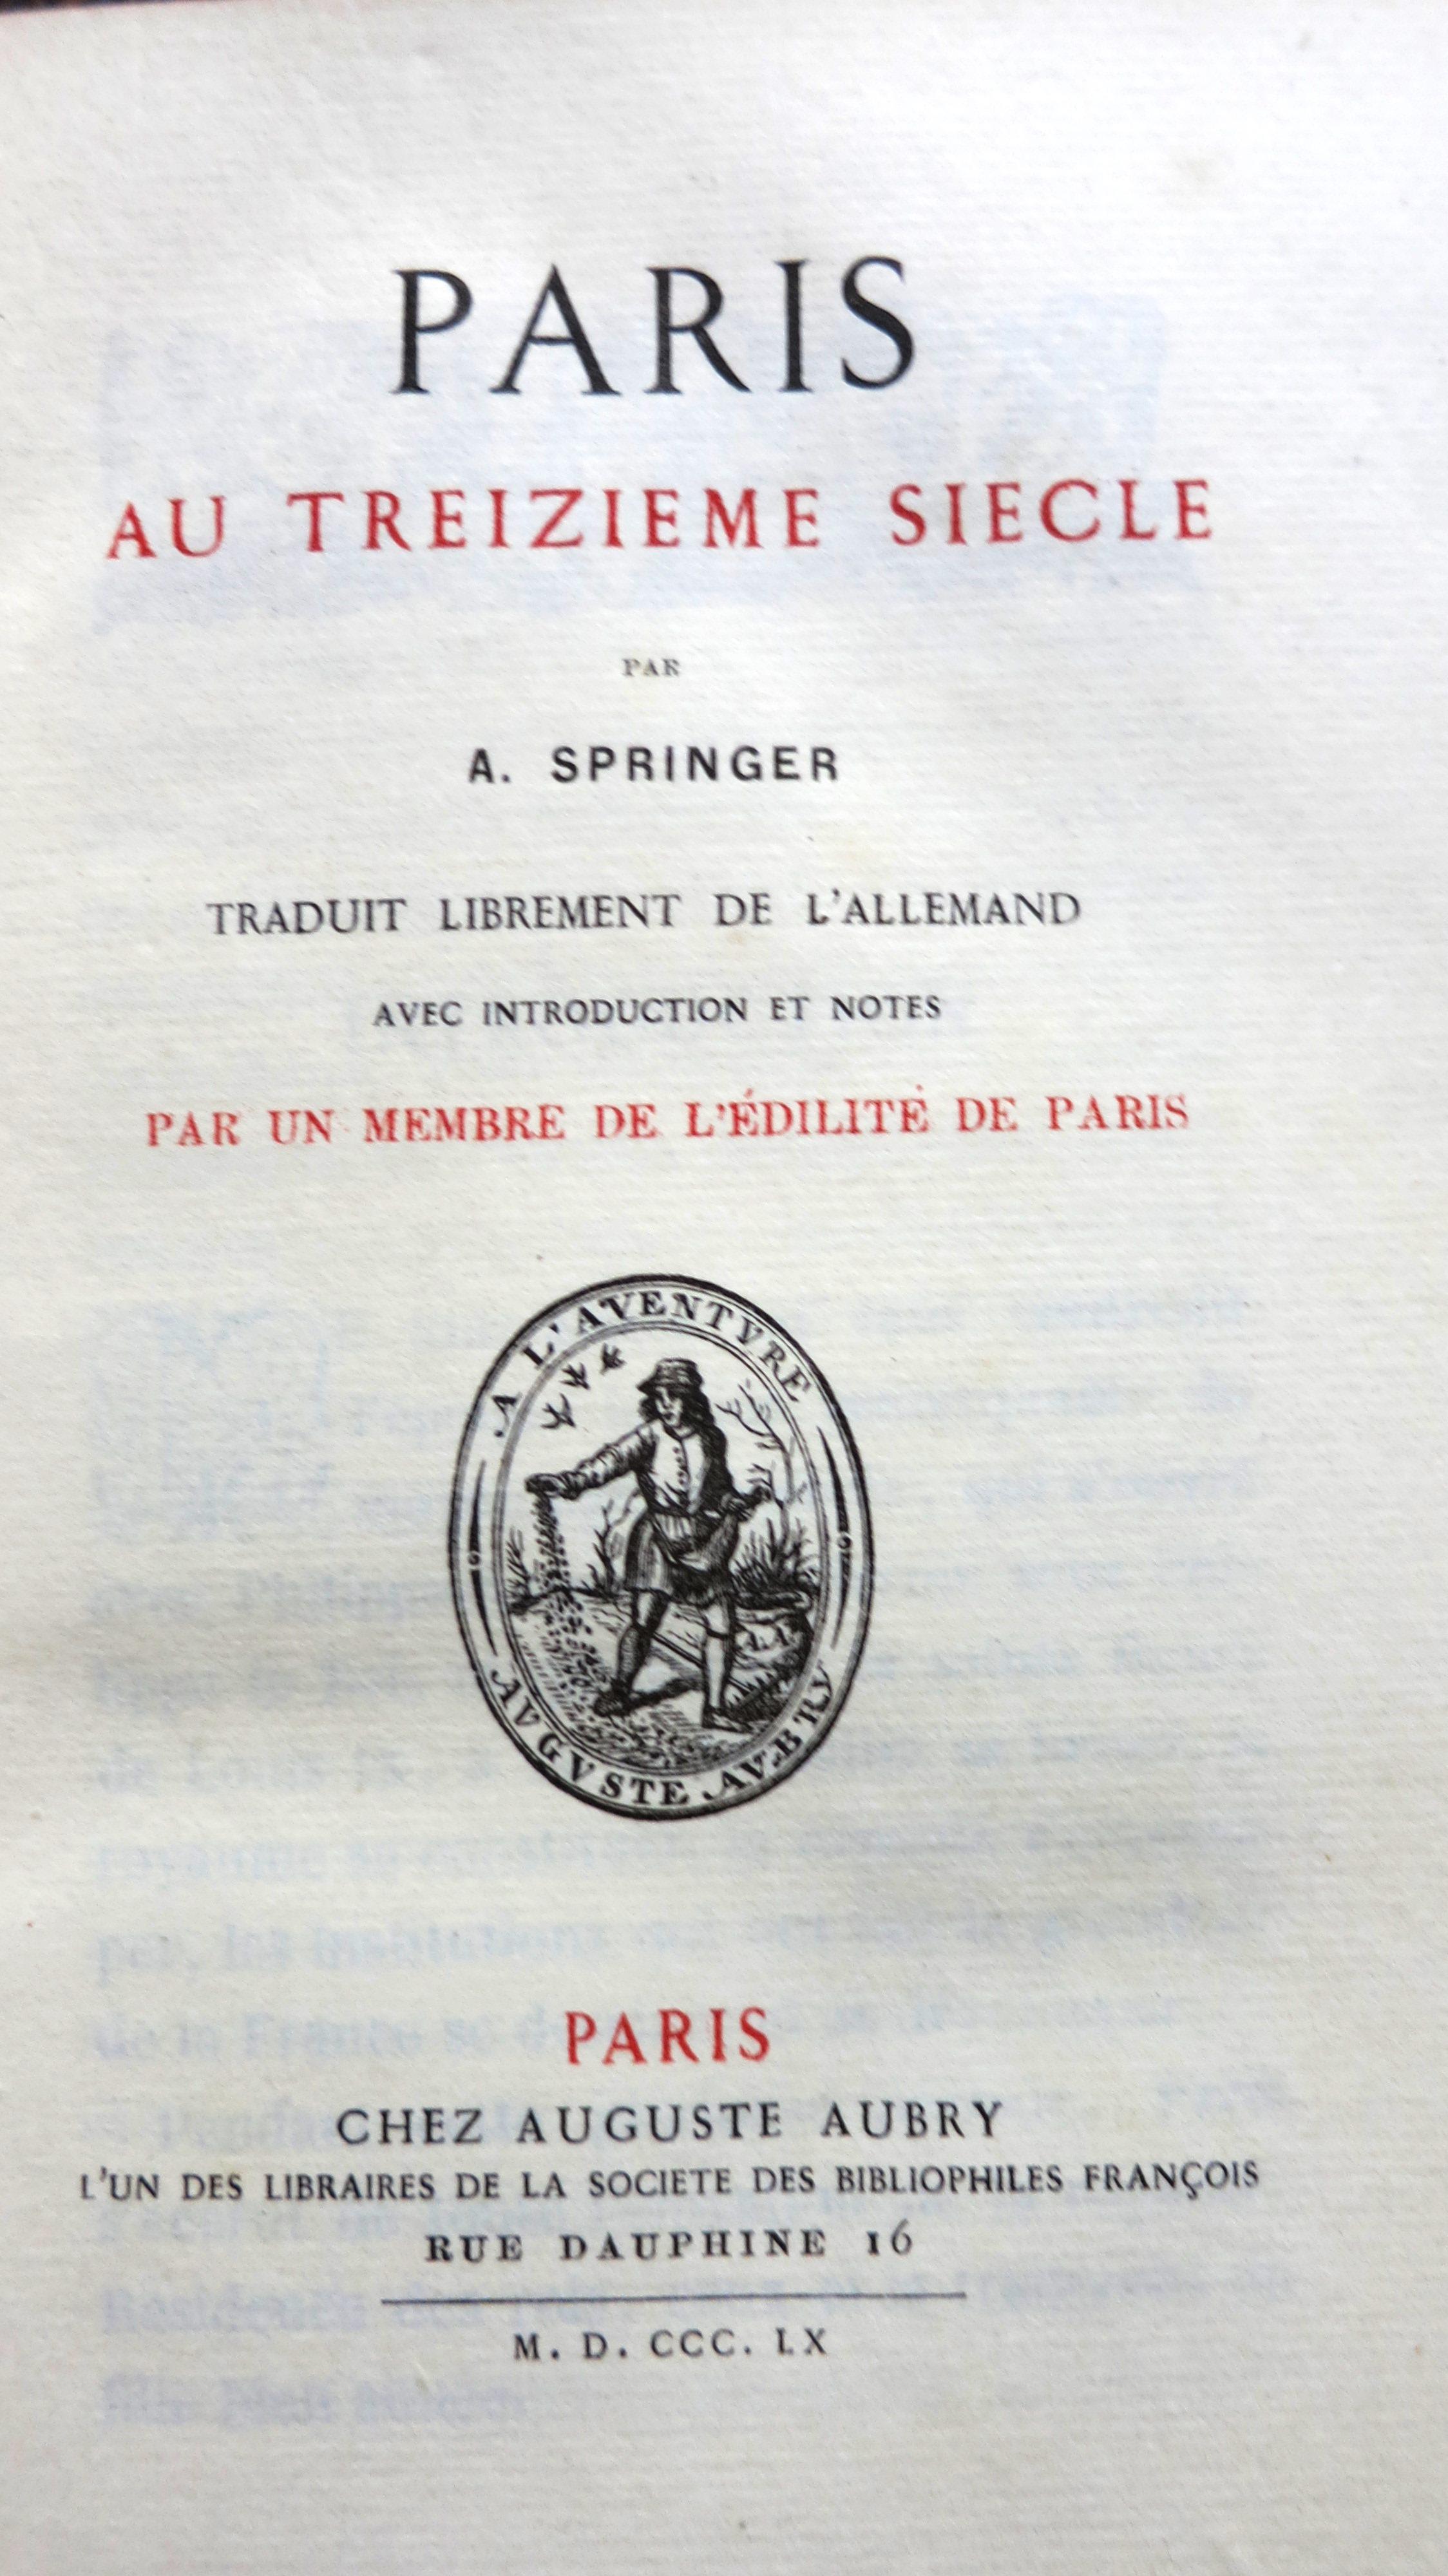 Paris au treizième siècle